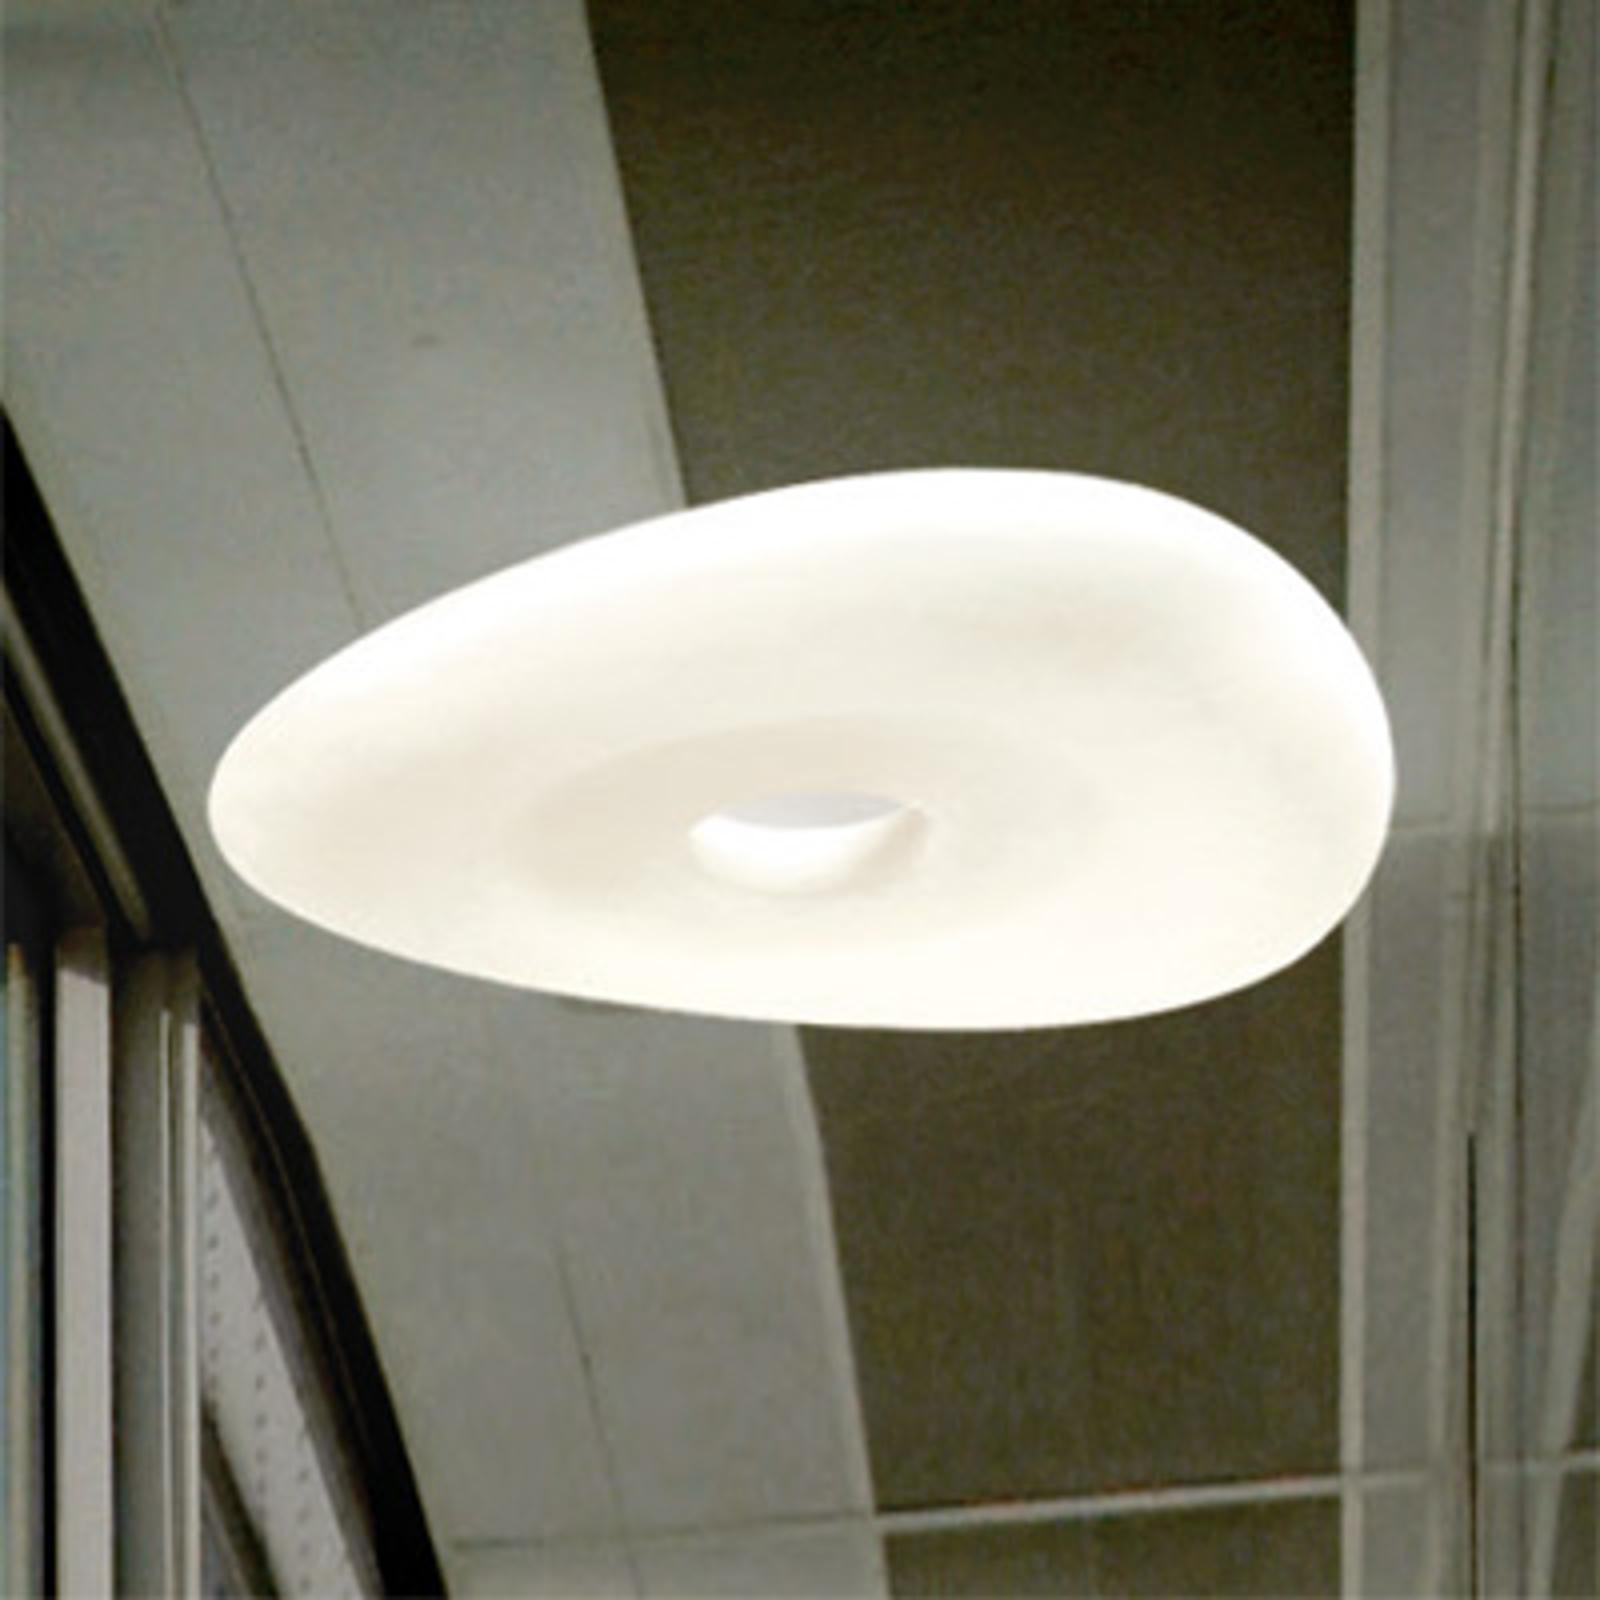 Lampa sufitowa LED Mr. Magoo, 76 cm